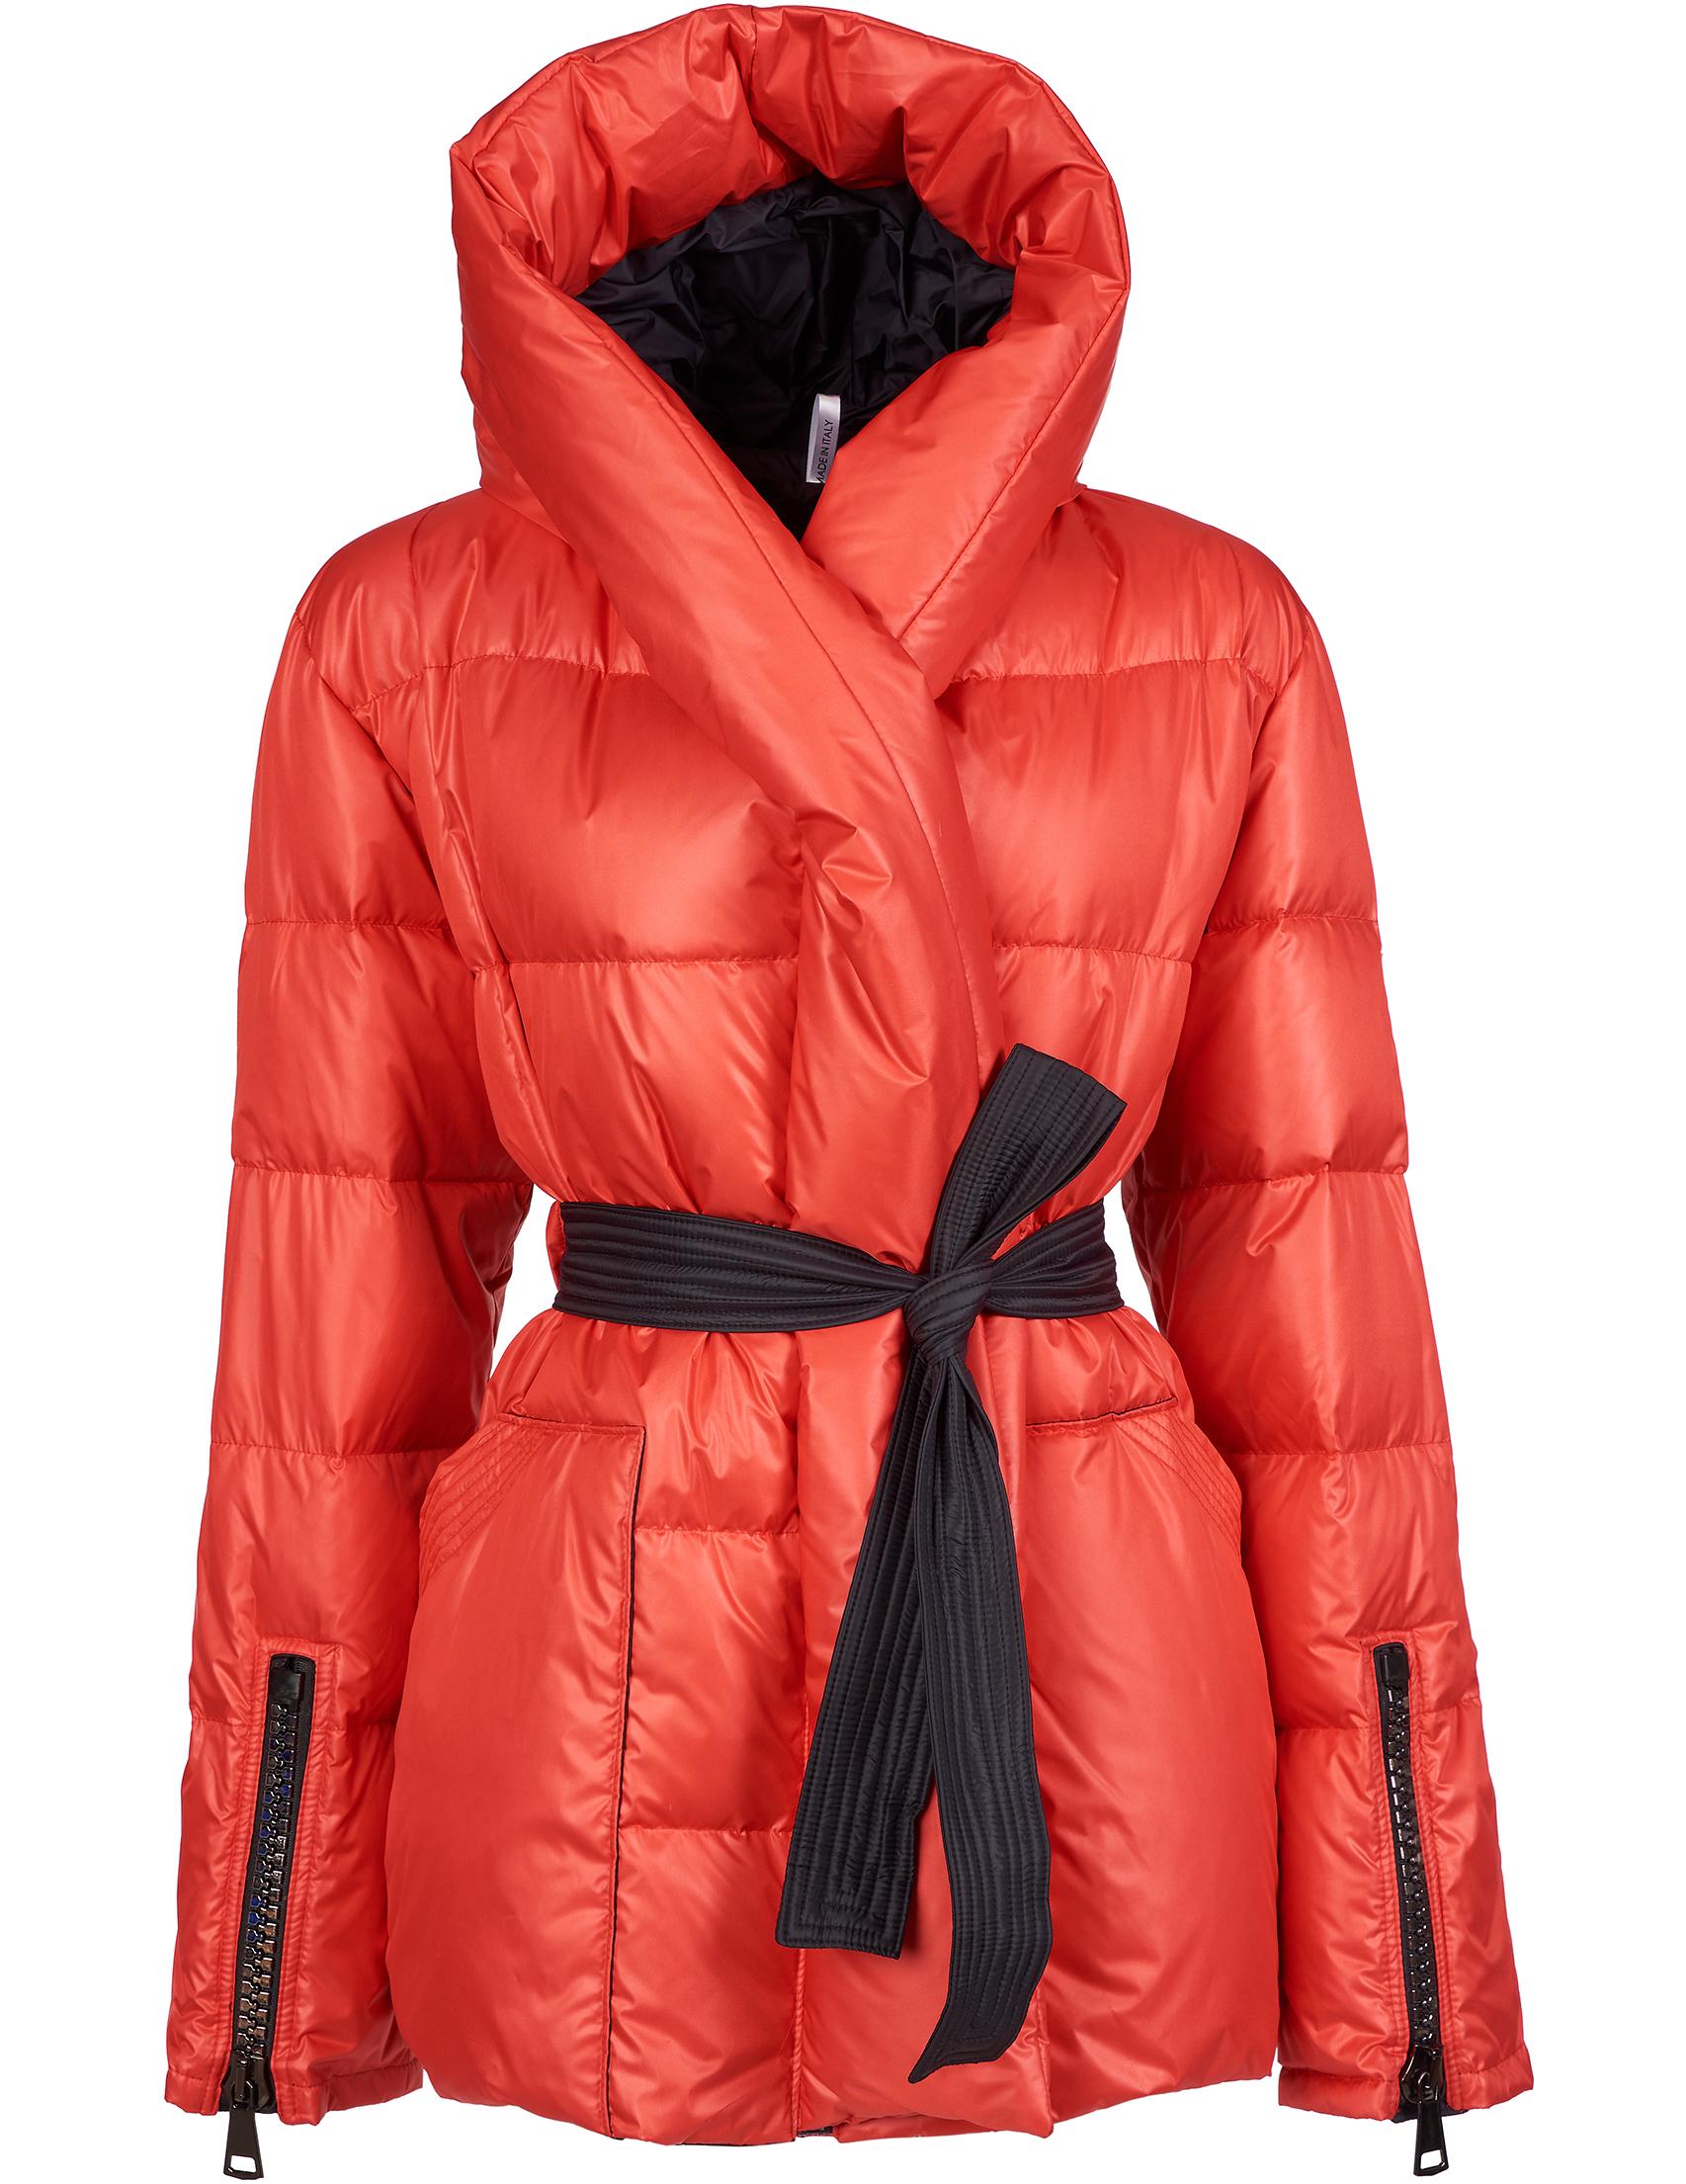 Купить Куртки, Куртка, CANZITEX, Красный, 100%Полиэстер, Осень-Зима